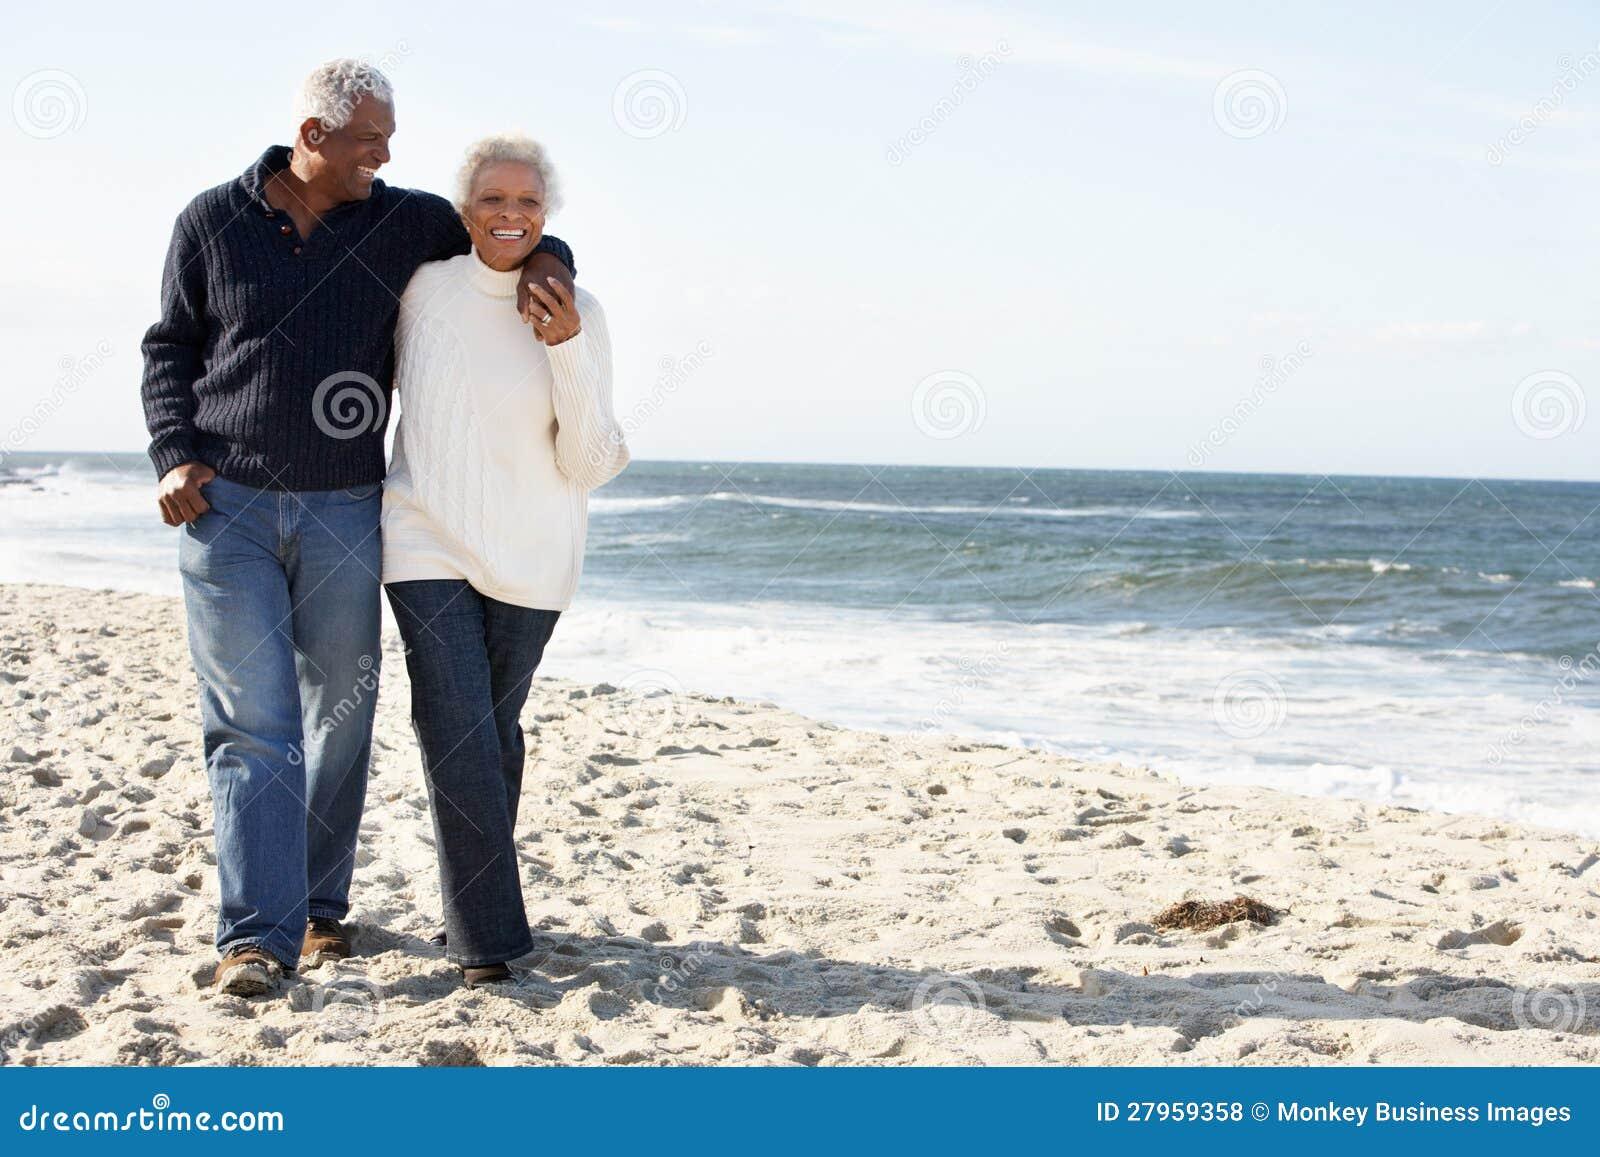 Ανώτερο ζεύγος που περπατά κατά μήκος της παραλίας από κοινού